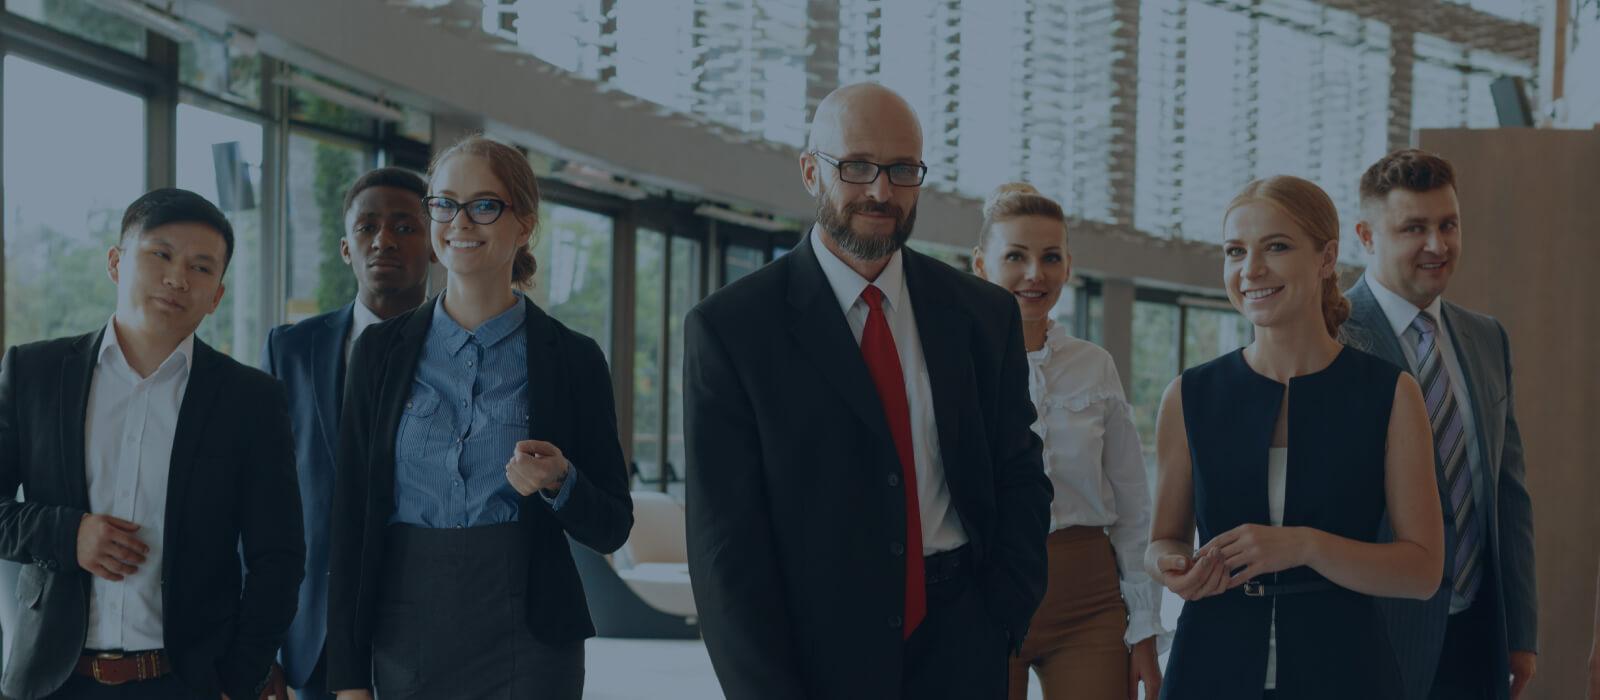 Alavanque o seu diferencial competitivo e faça parte do grupo de empresas que transforma o varejo diariamente!